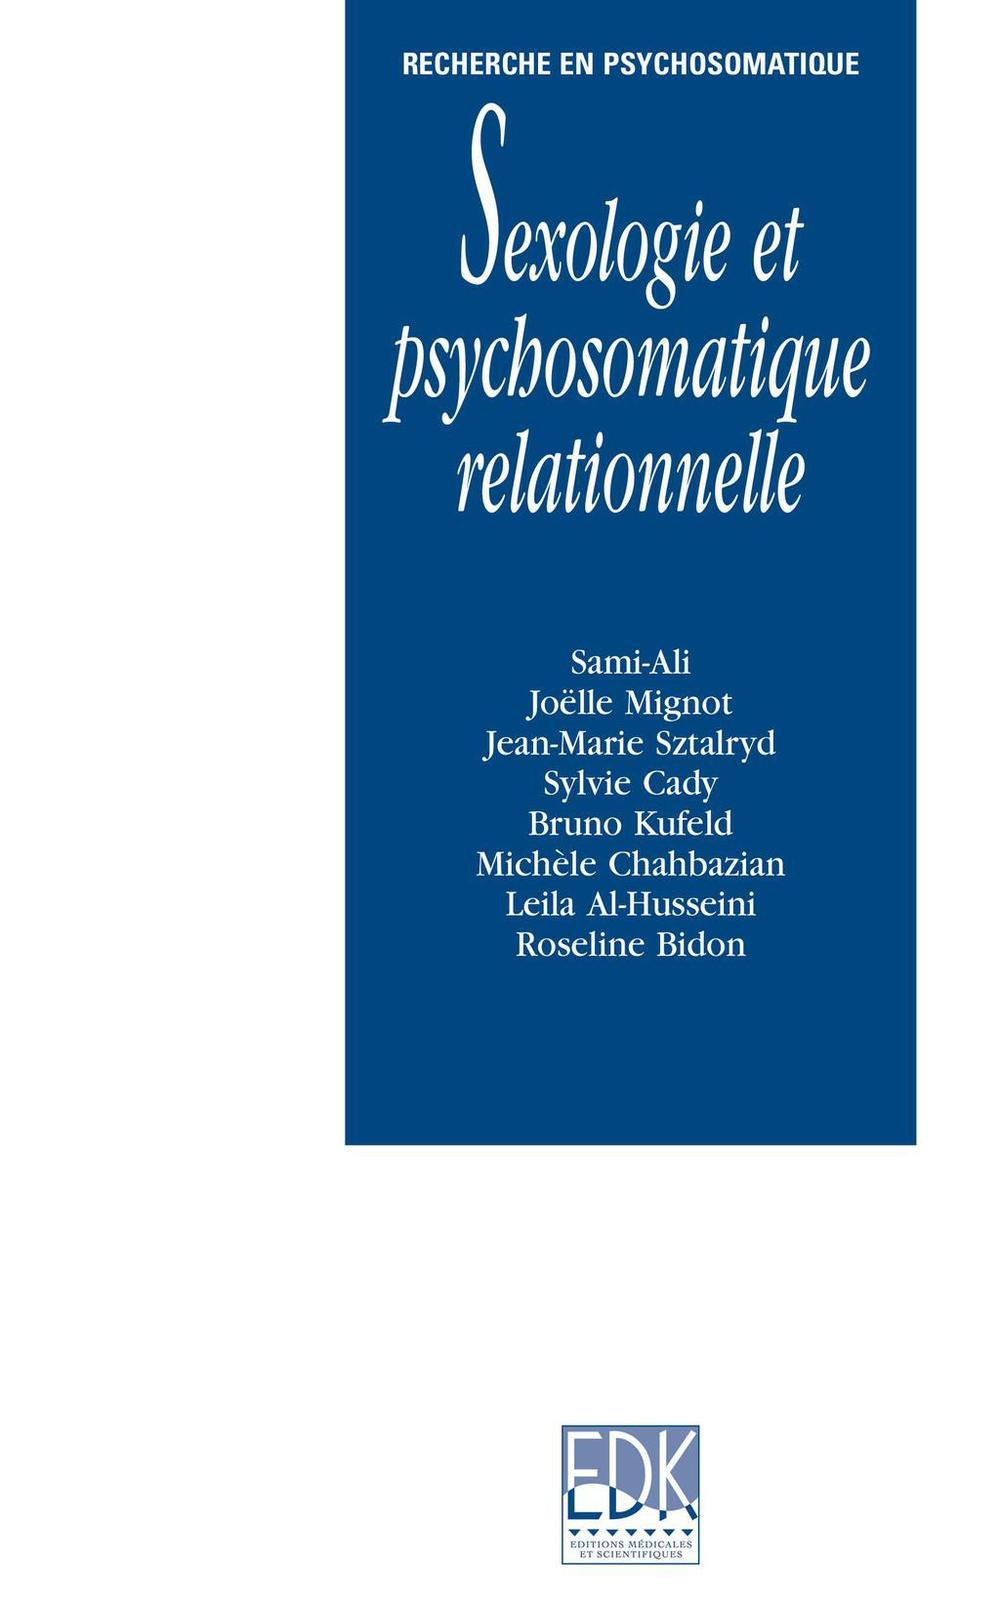 Sexologie et psychosomatique relationnelle